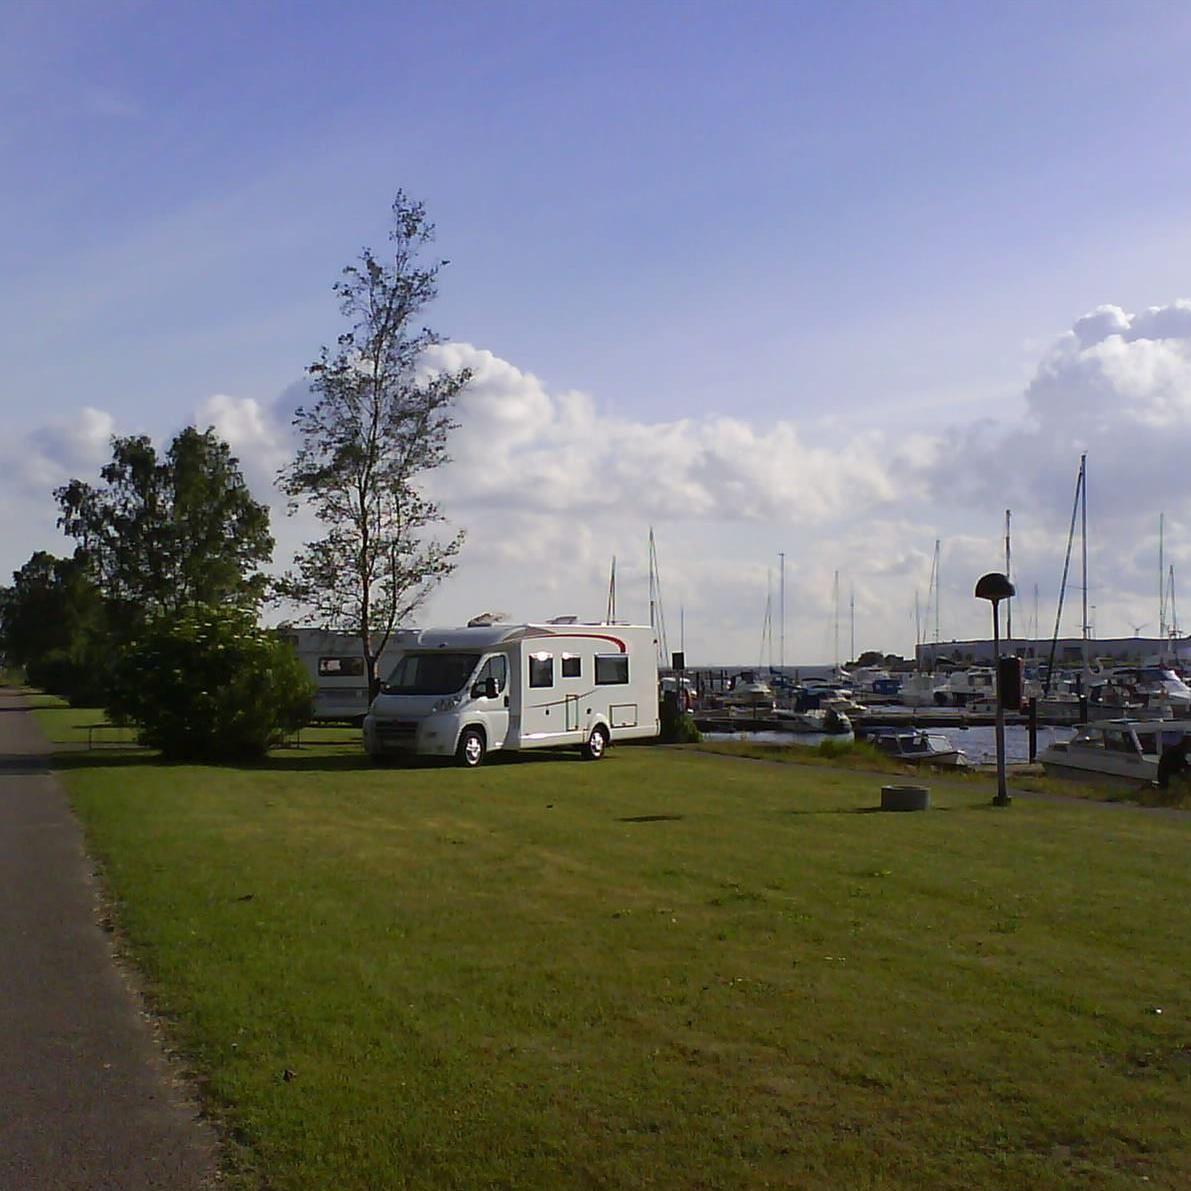 Lundåkrahamnen, Wohnmobilstellplätze